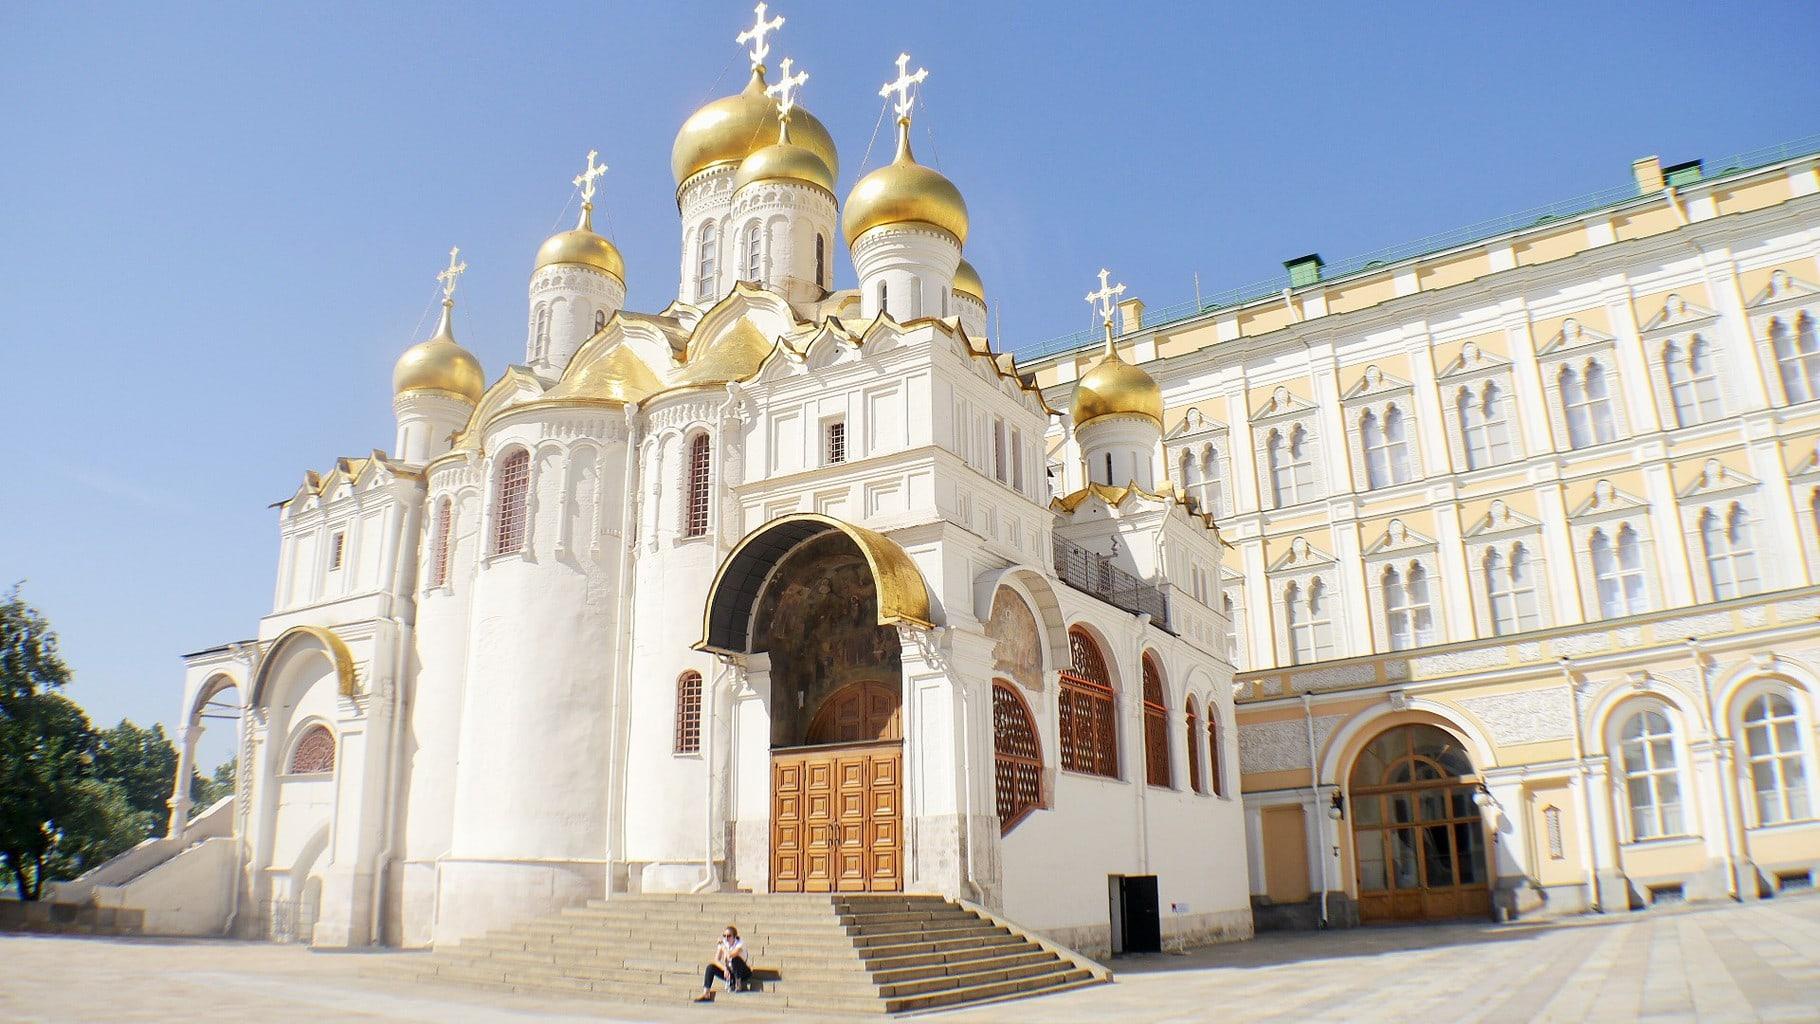 Church at the Kremlin